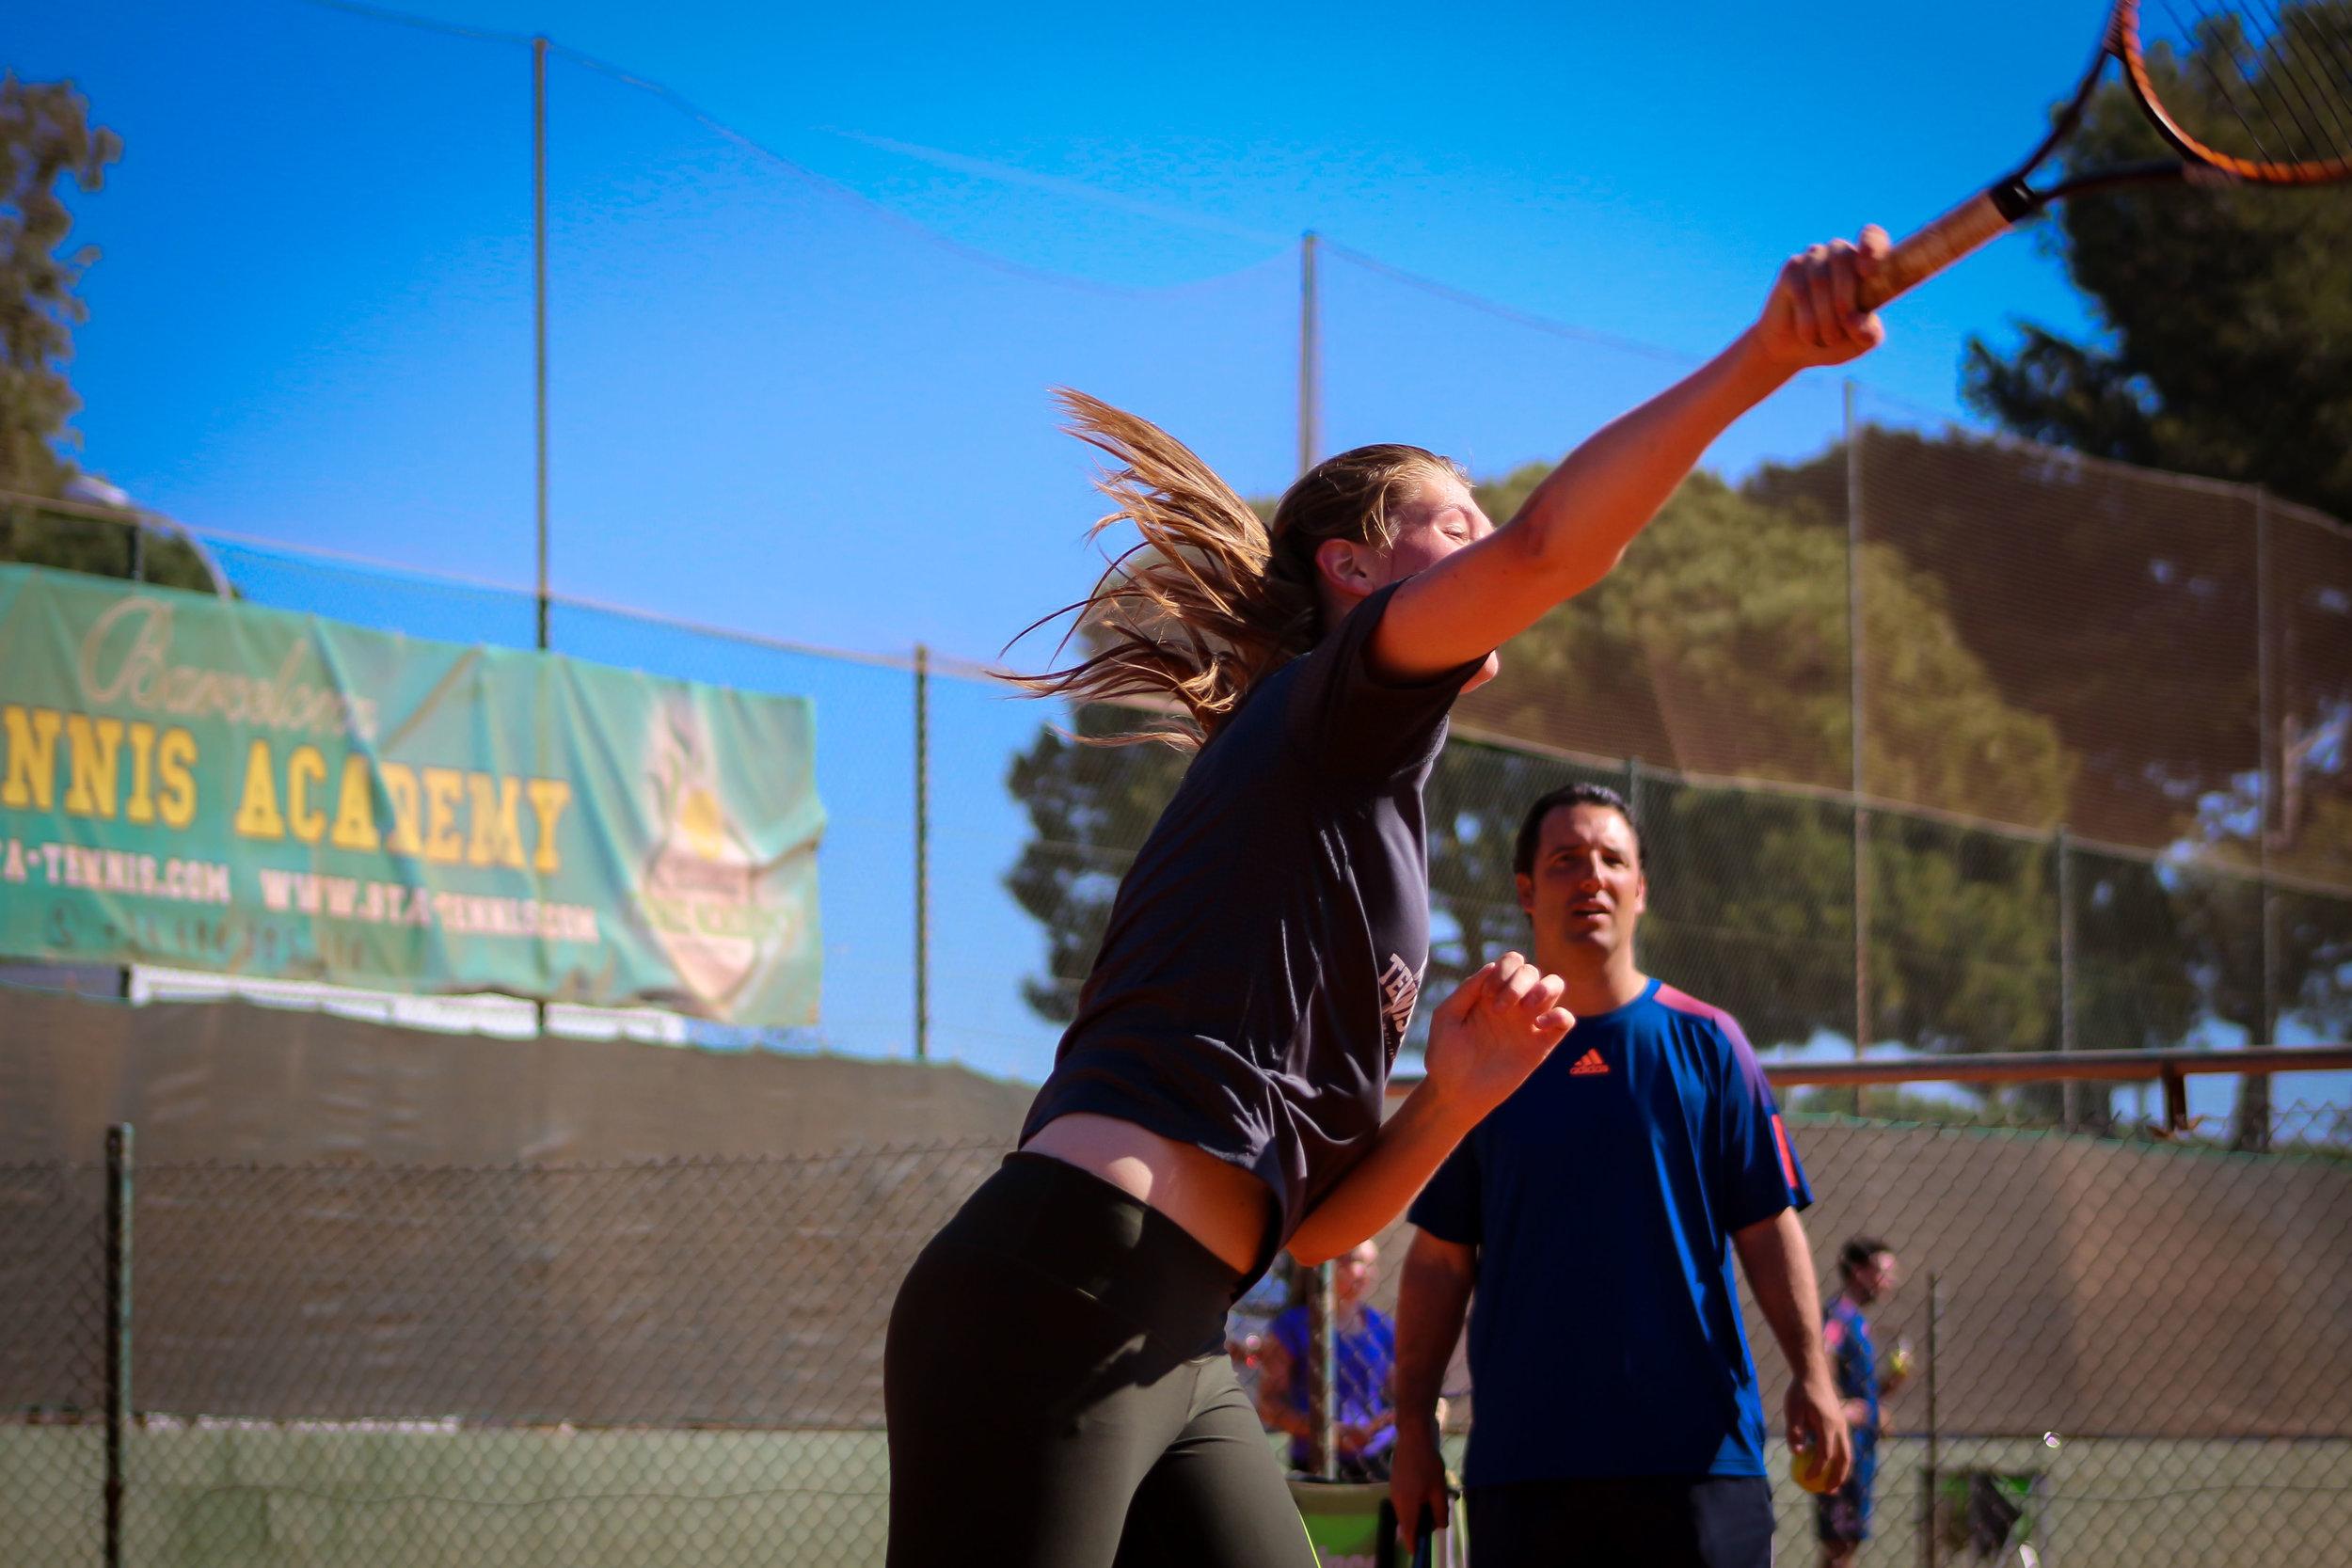 sport-photography-by-karolin-sznycer